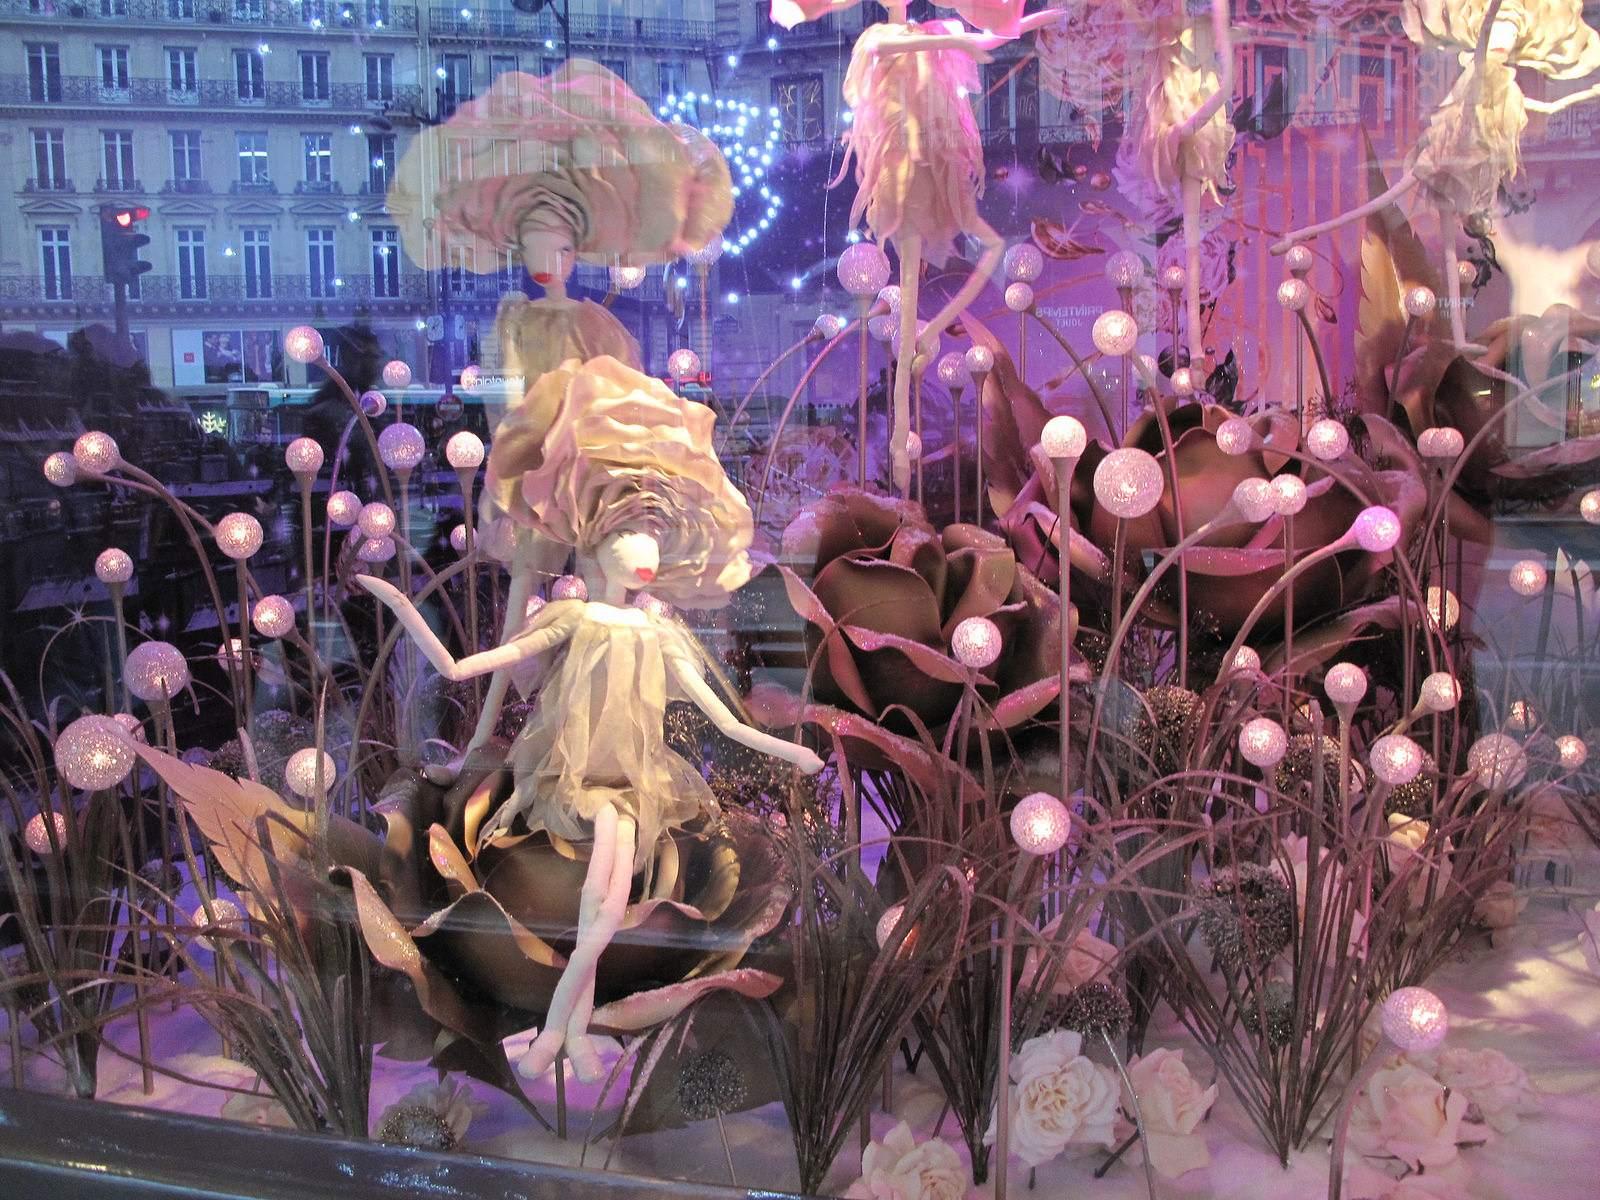 vitrines noel11 Christmas window displays in Paris